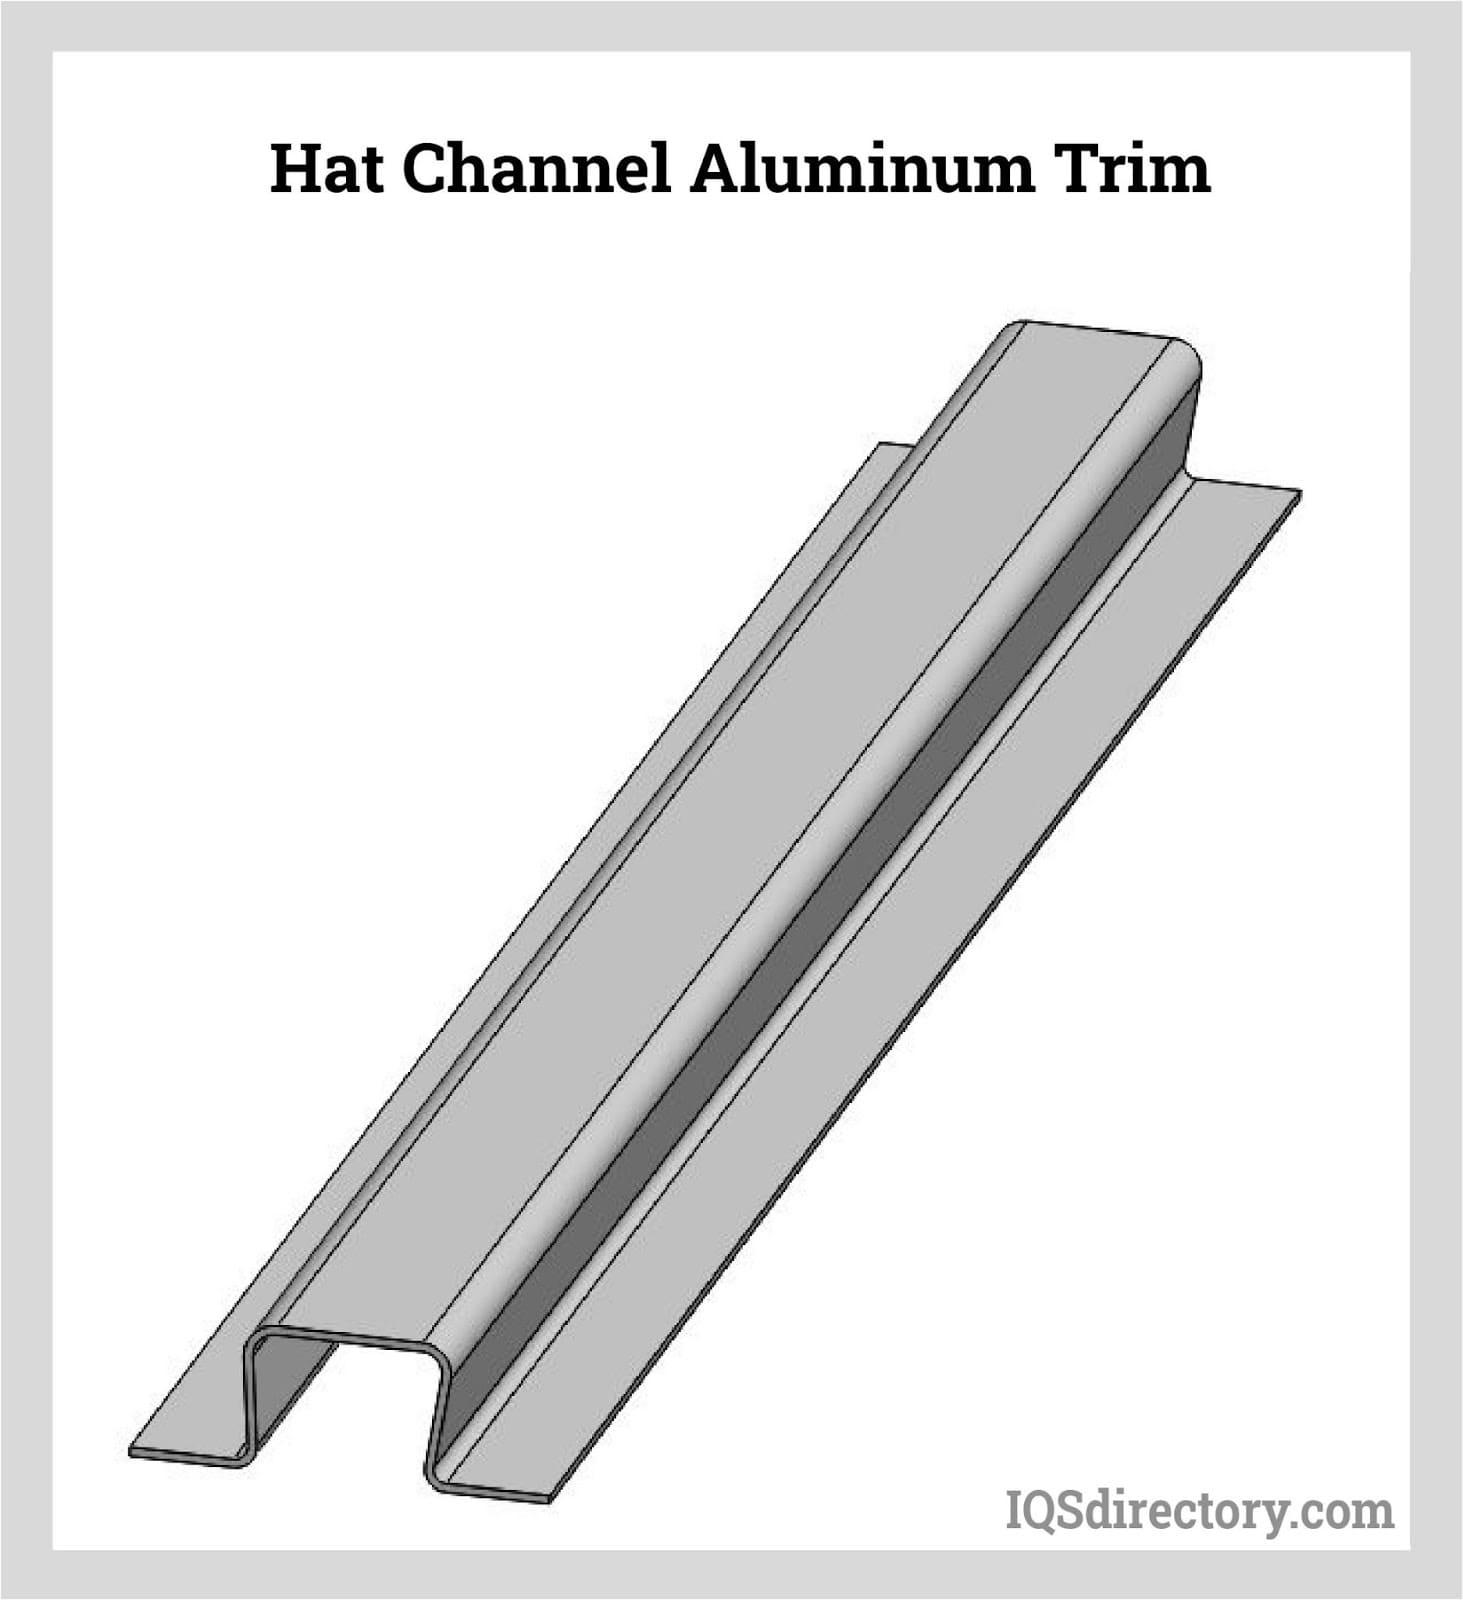 Hat Channel Aluminum Trim